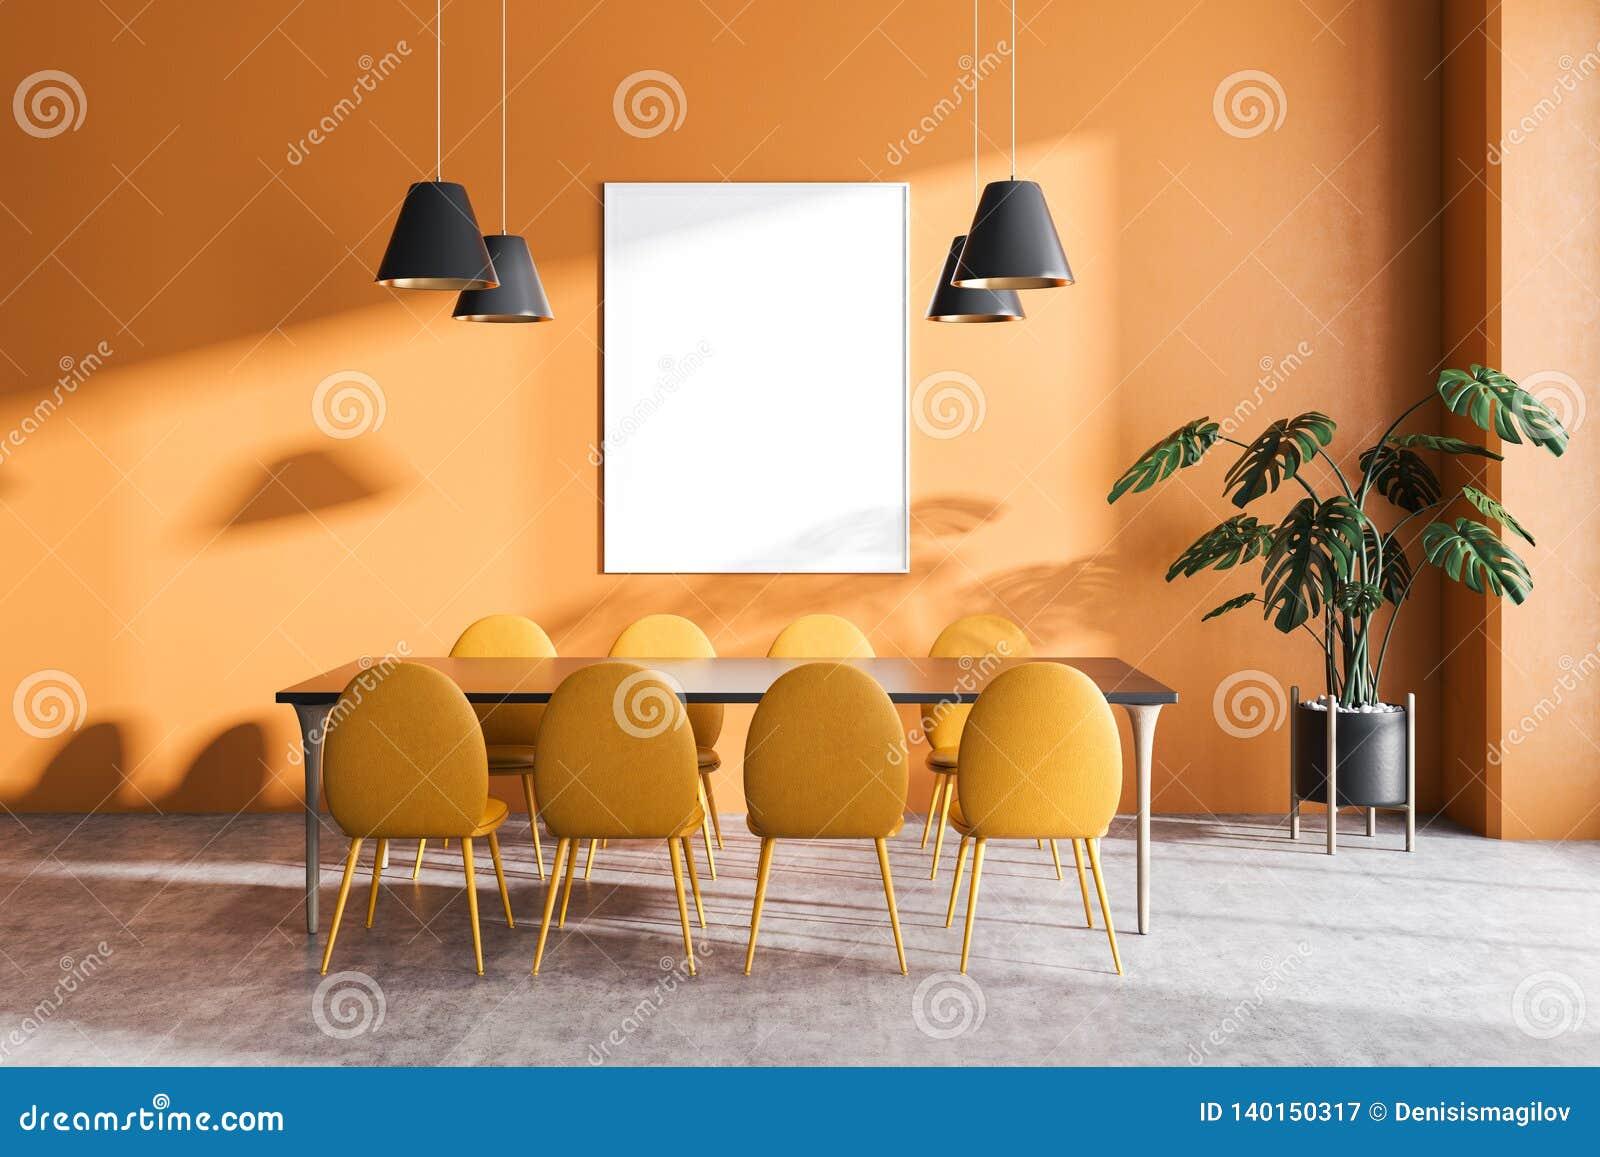 37 Ideas For Design Orange And Grey Dining Room Hausratversicherungkosten Info